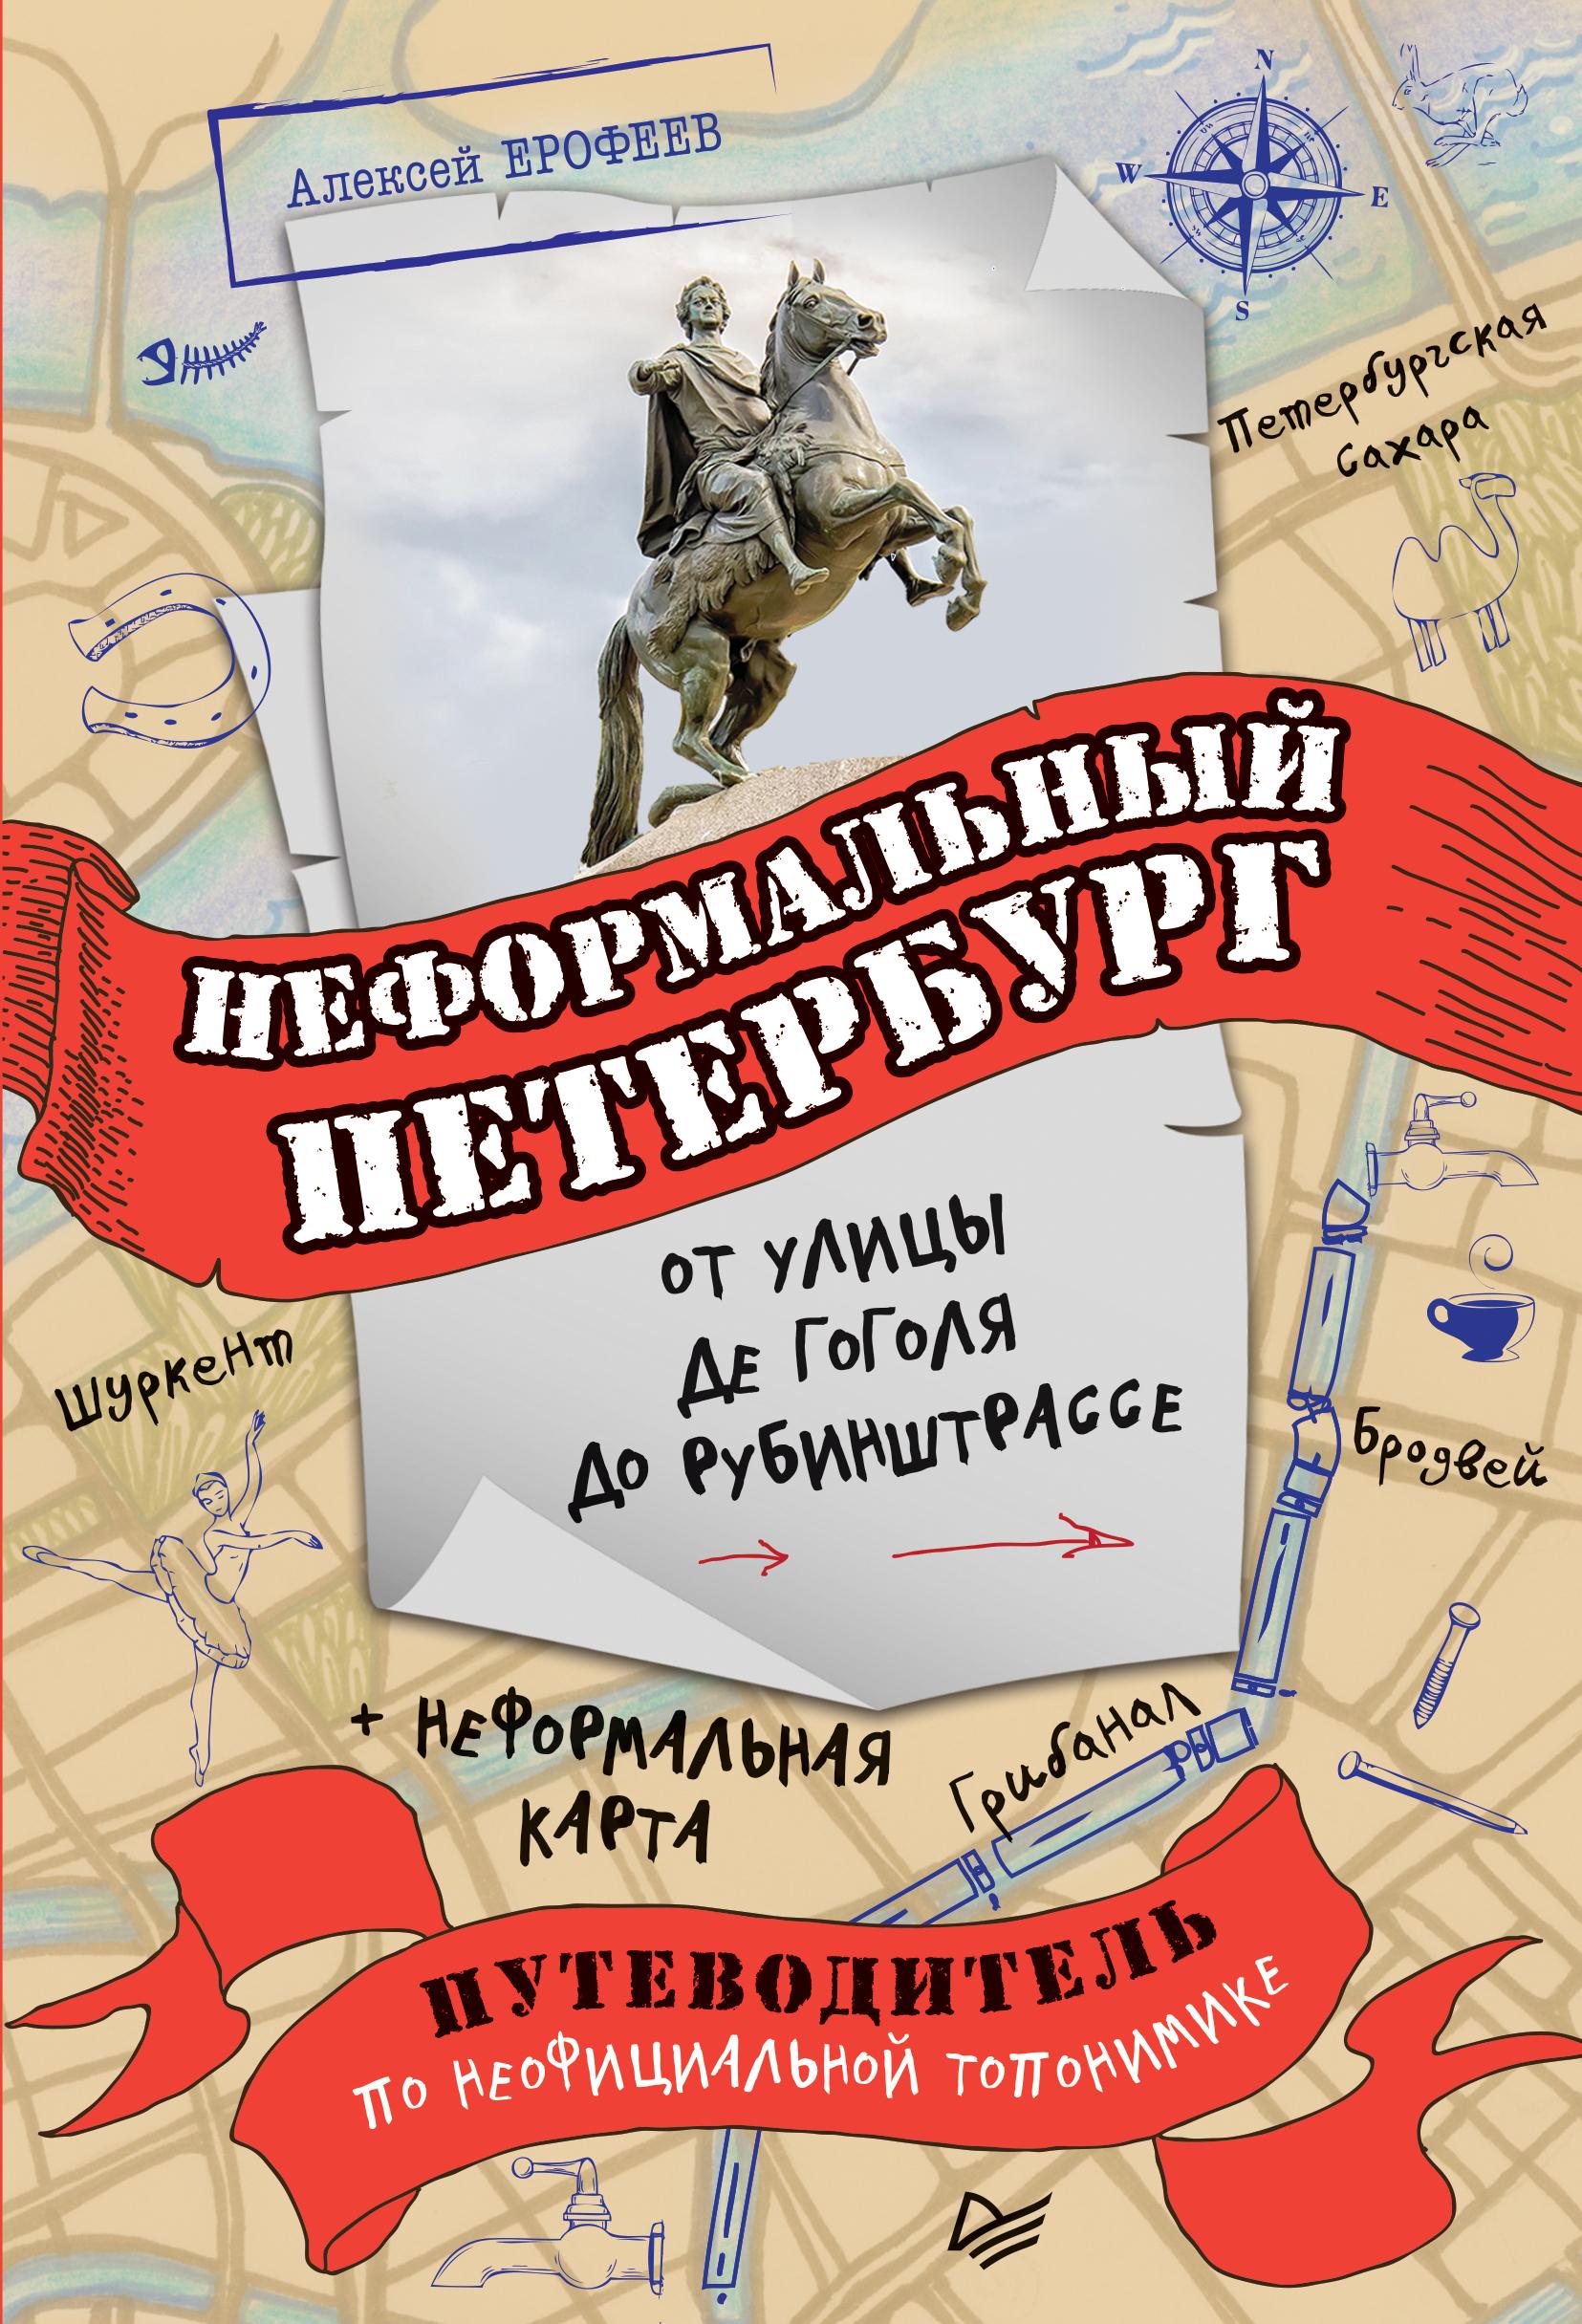 Алексей Ерофеев Неформальный Петербург: от улицы де Гоголя до Рубинштрассе недорого